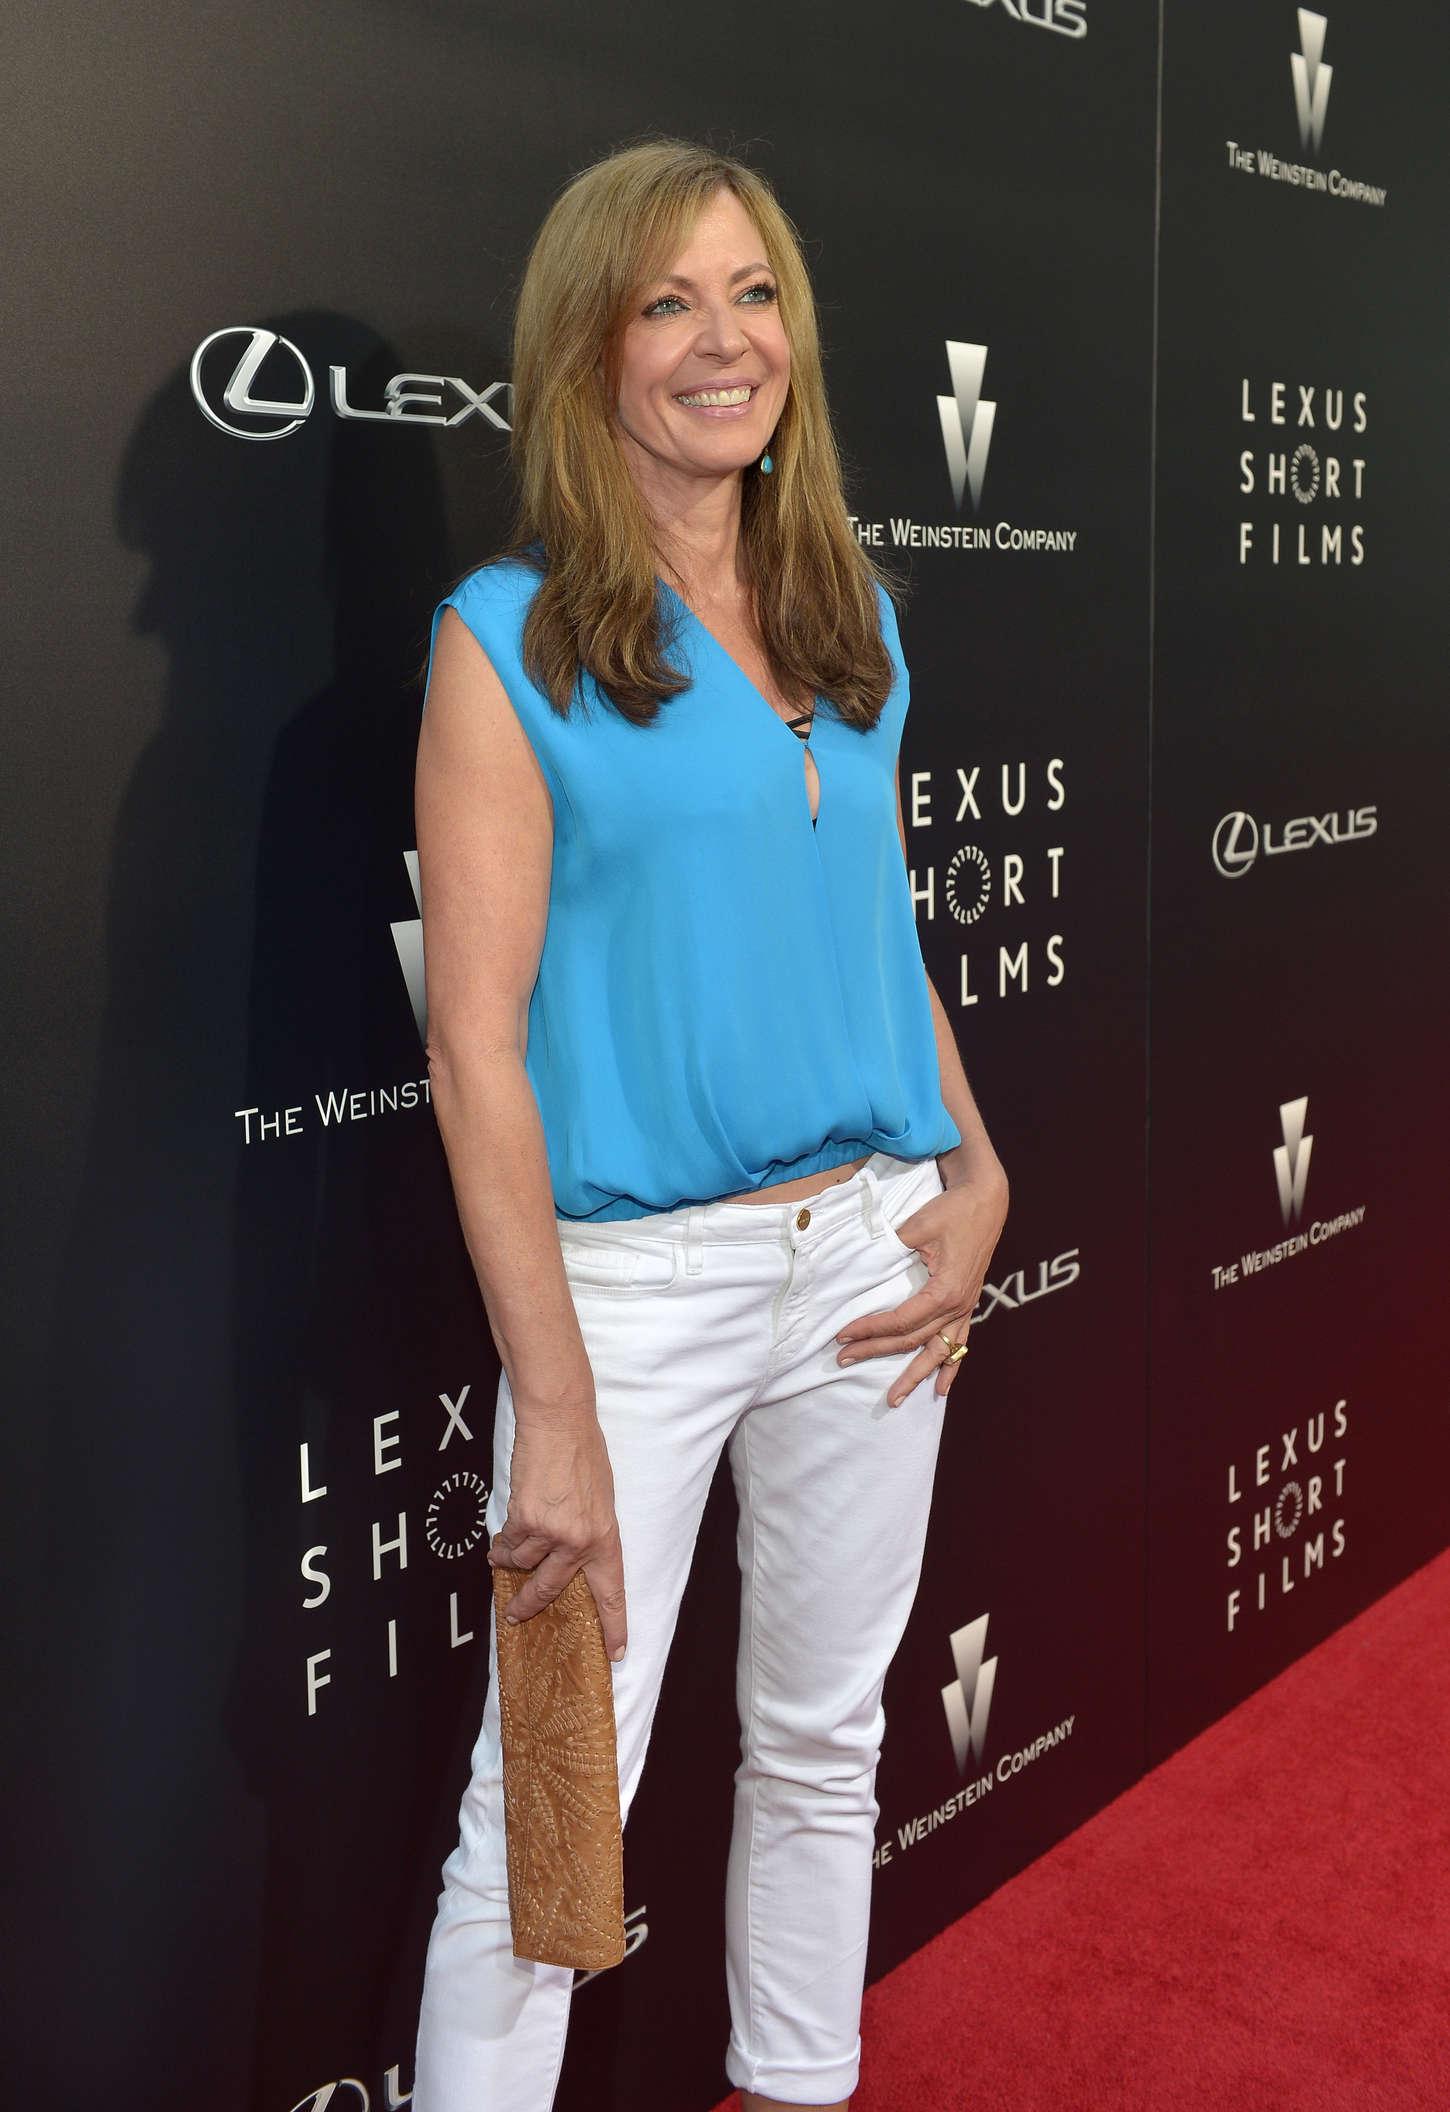 Allison Janney: Lexus Short Films LA Premiere -04 - GotCeleb